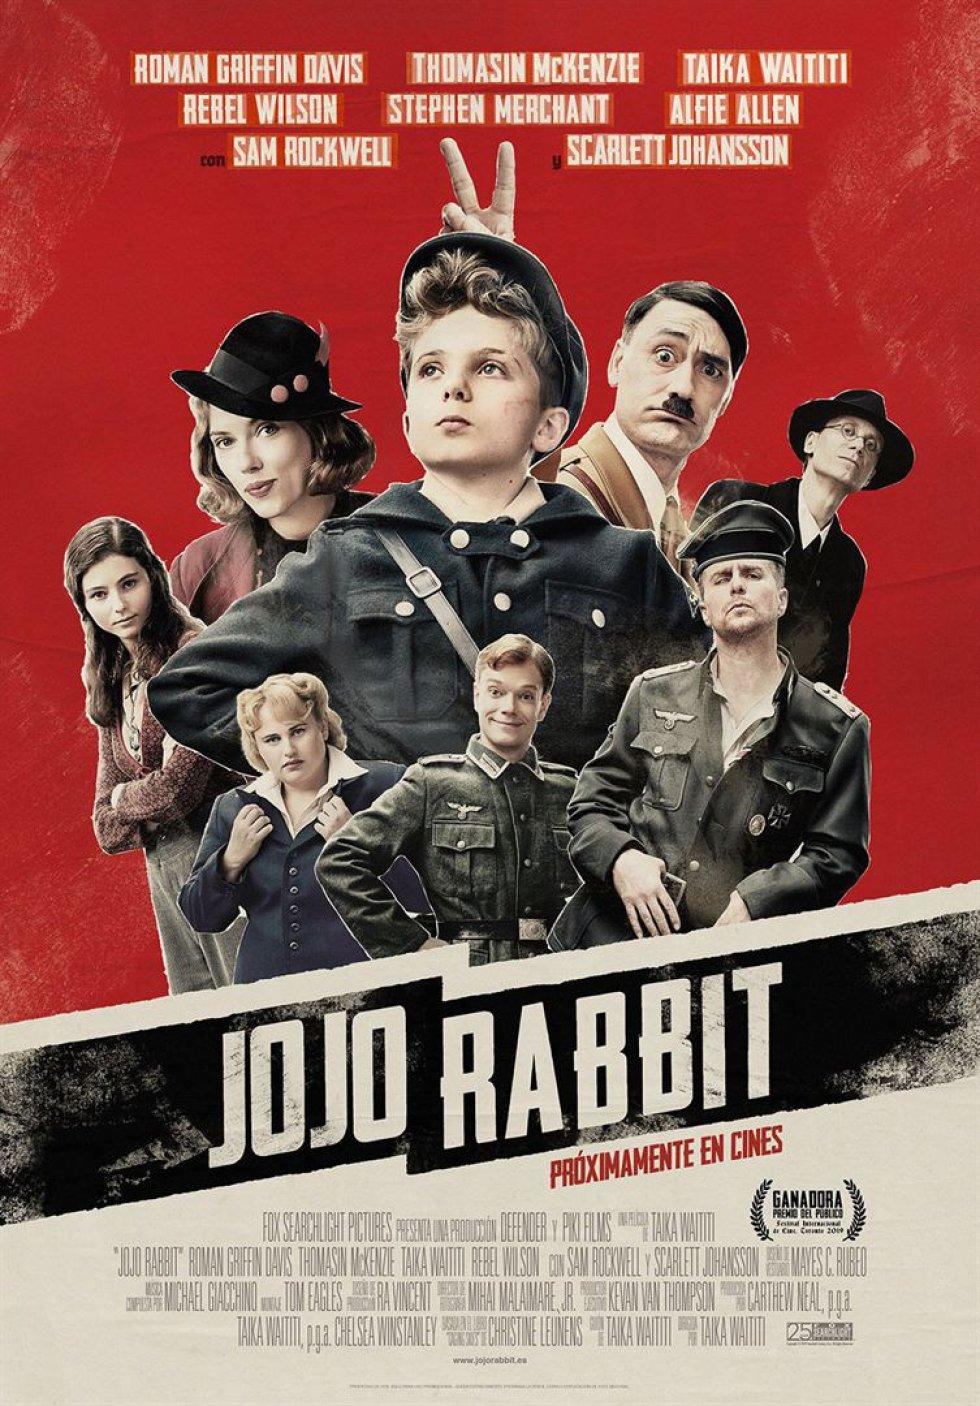 Jojo Betzler, interpretado por Roman Griffin Davis, es un solitario chico alemán que pertenece a las juventudes hitlerianas en 'Jojo Rabbit'. Una película basada en la novela de Christine Leunens, que dirige el también actor Taika Waititi, que encarna al amigo imaginario muy especial del protagonista.